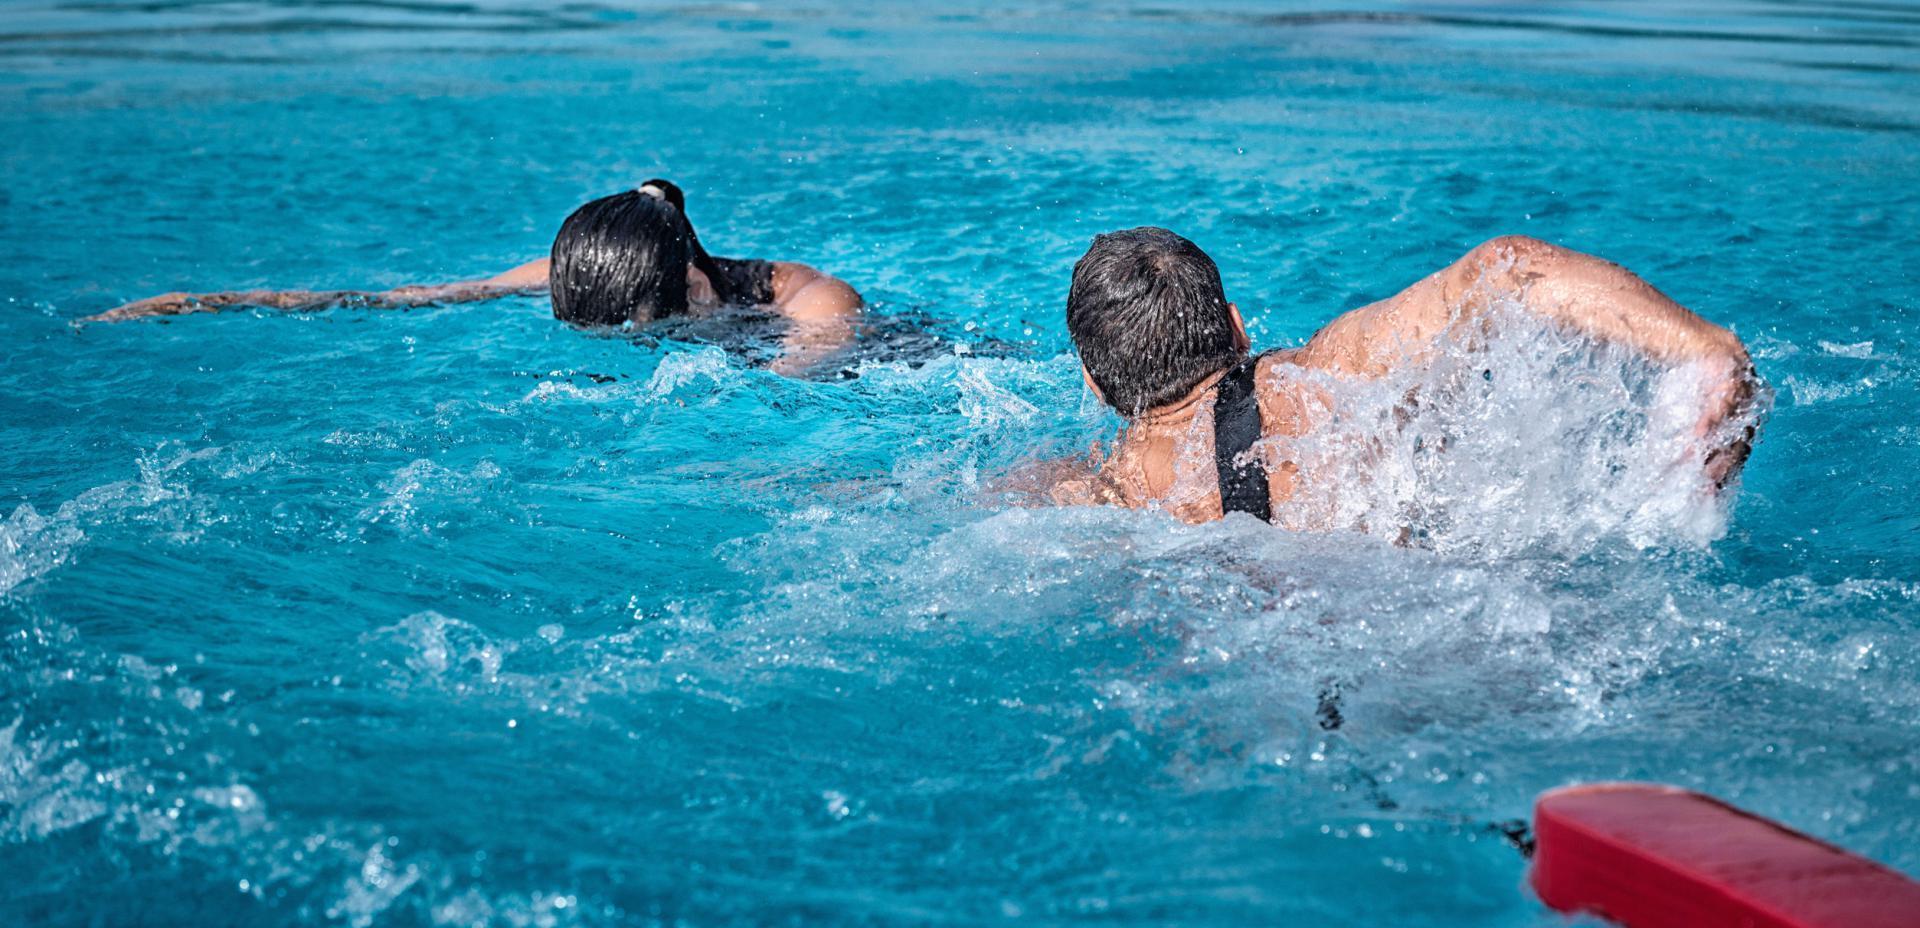 Lifeguard Association Lifeguard Training Certification Lifeguarding Classes Lifeguard Courses